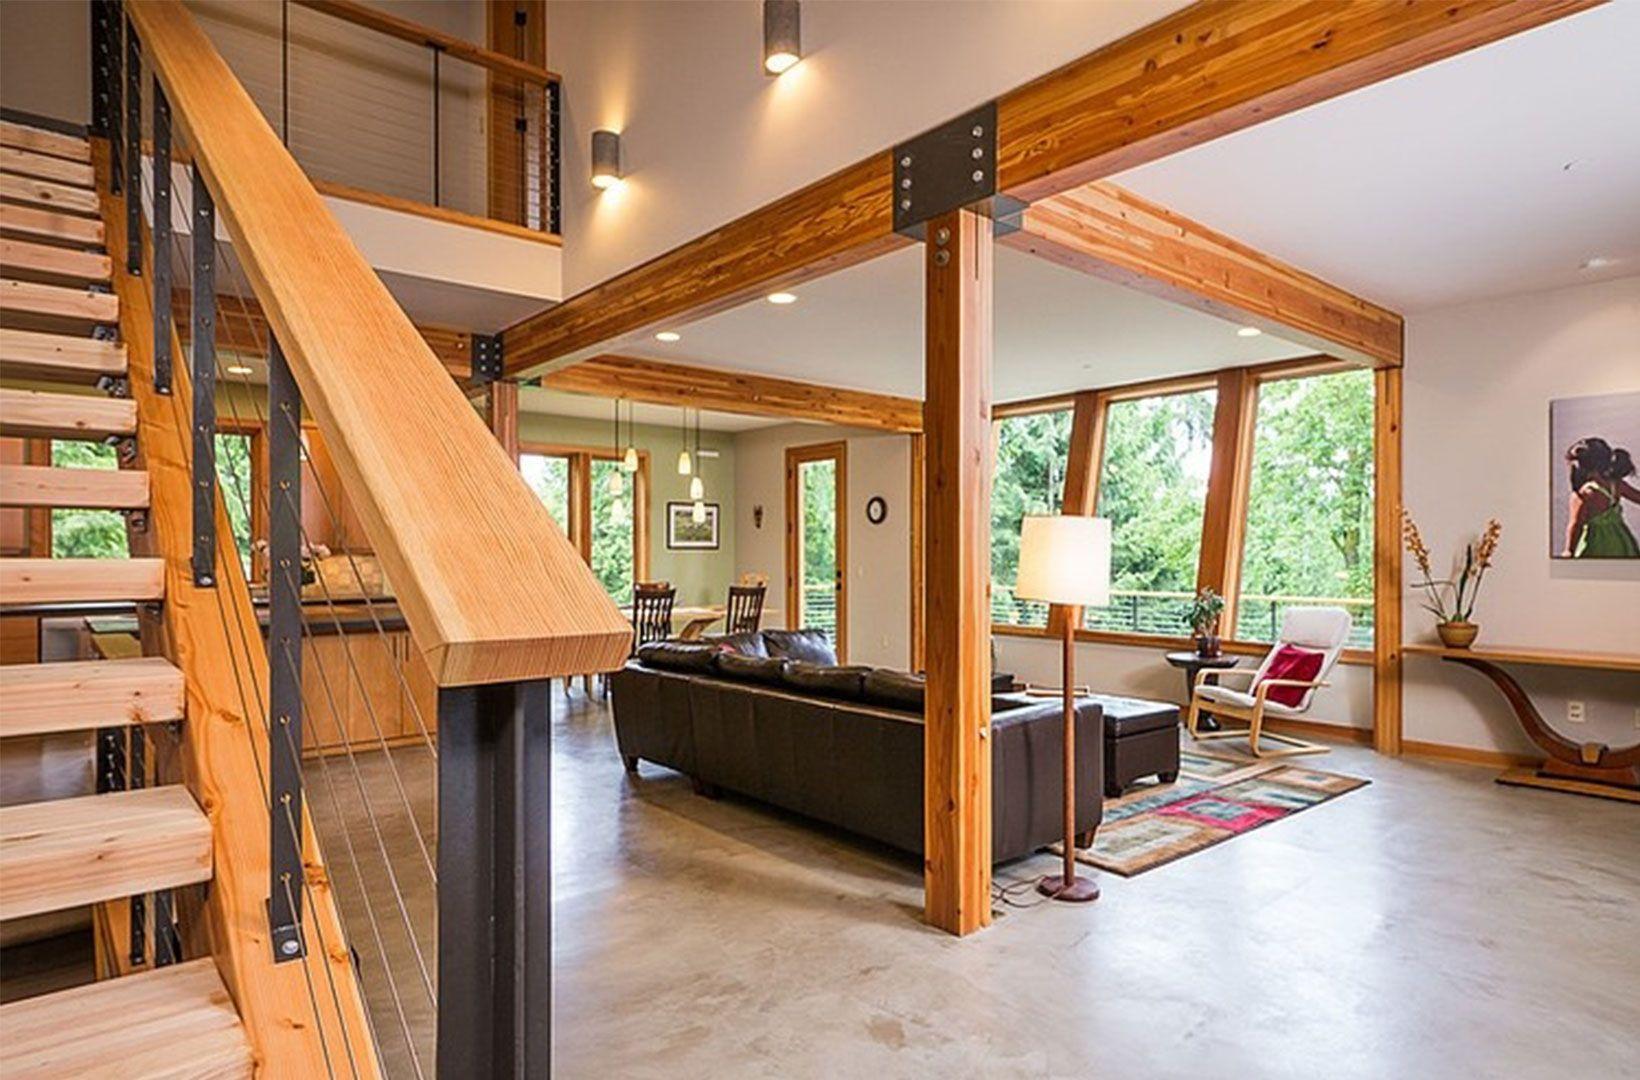 138 besten AWESOME HOME DESIGN Bilder auf Pinterest | Treppen ...